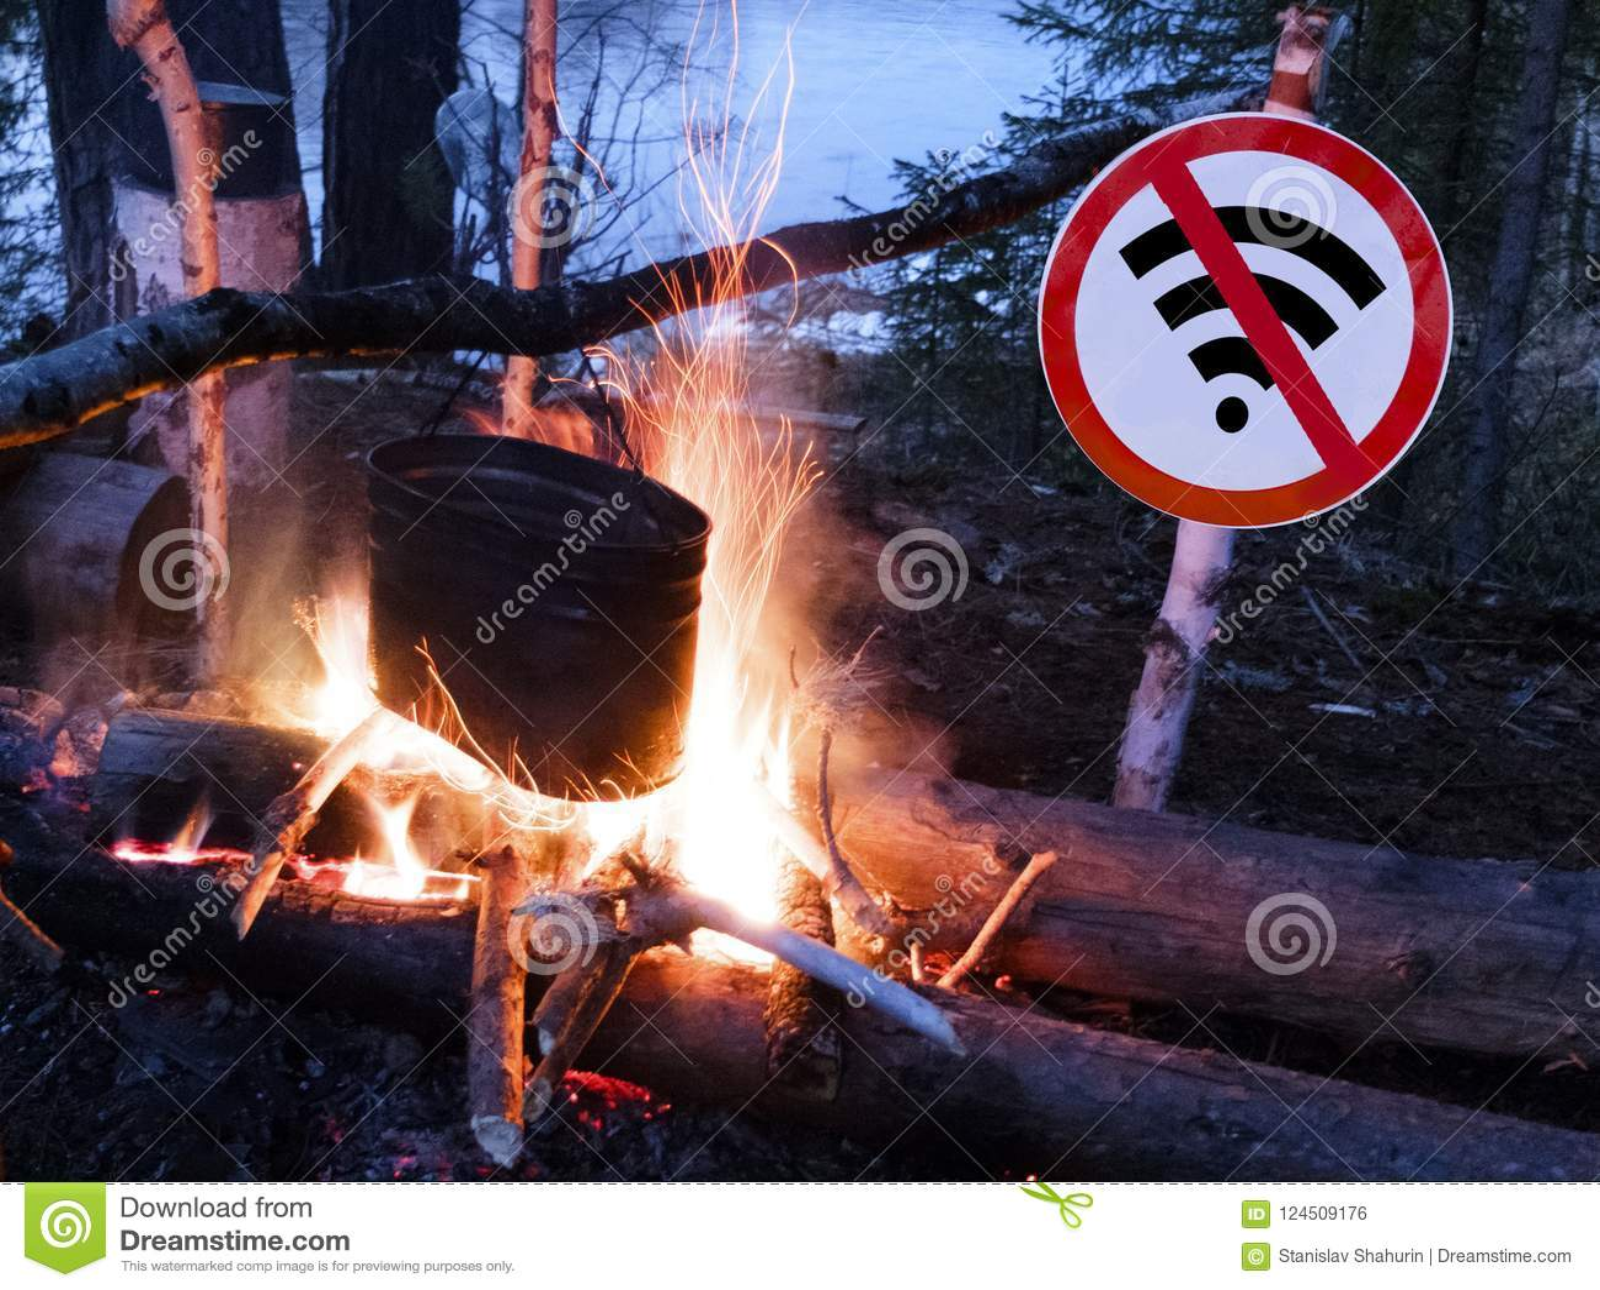 Отсутствие знака wifi около огня и бака на пляже цифровые концепция и пролом вытрезвителя от технологии